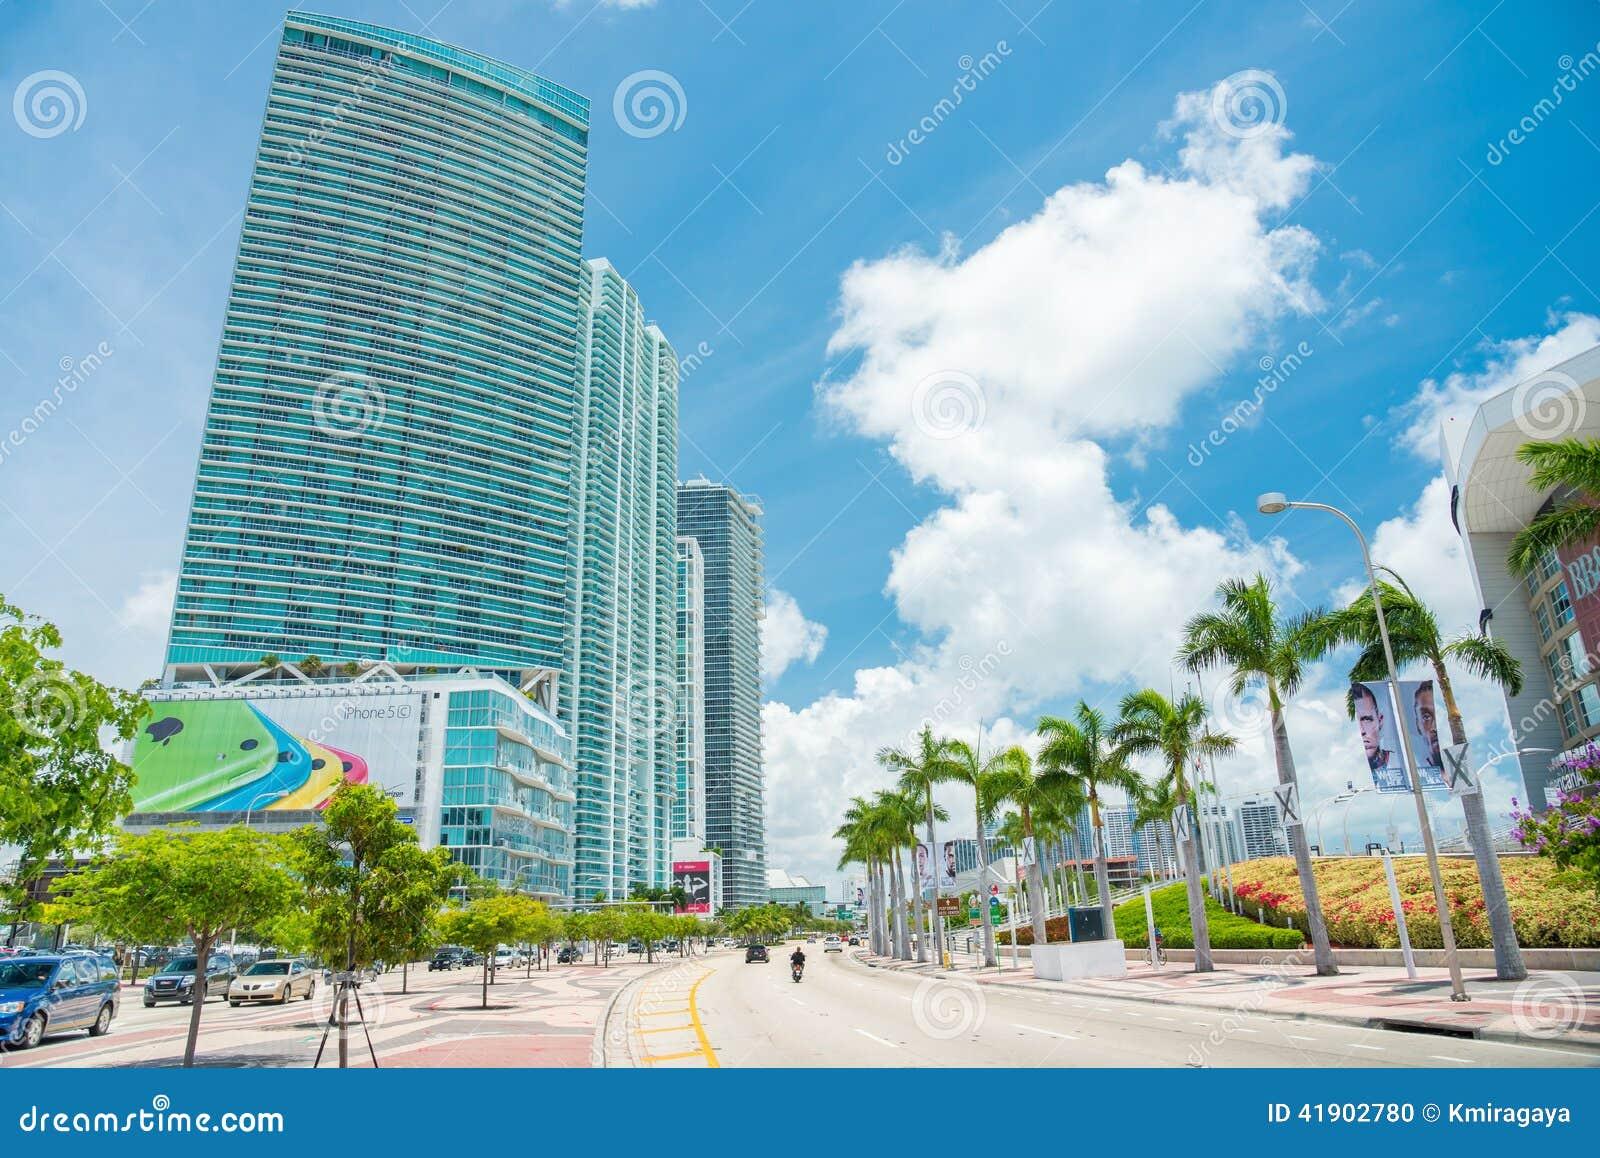 Rascacielos y tráfico en Miami céntrica